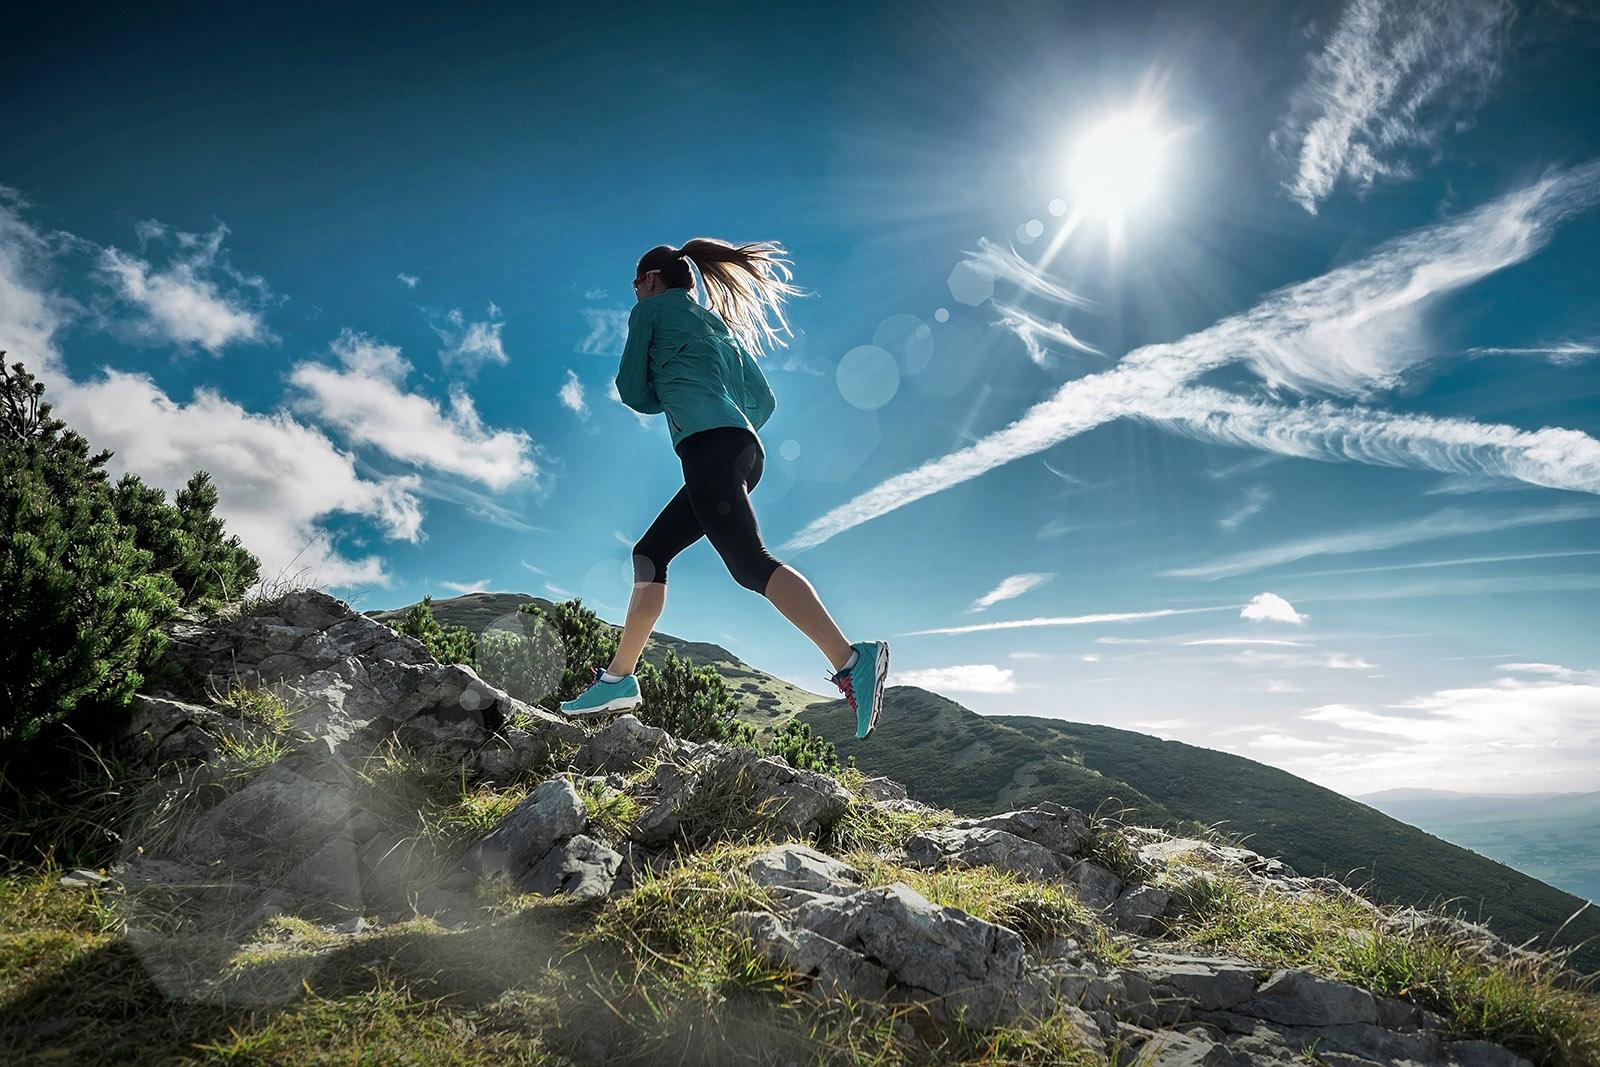 Sportliche Läuferin im Sprung am Berg mit Felsen und Sommerhimmel